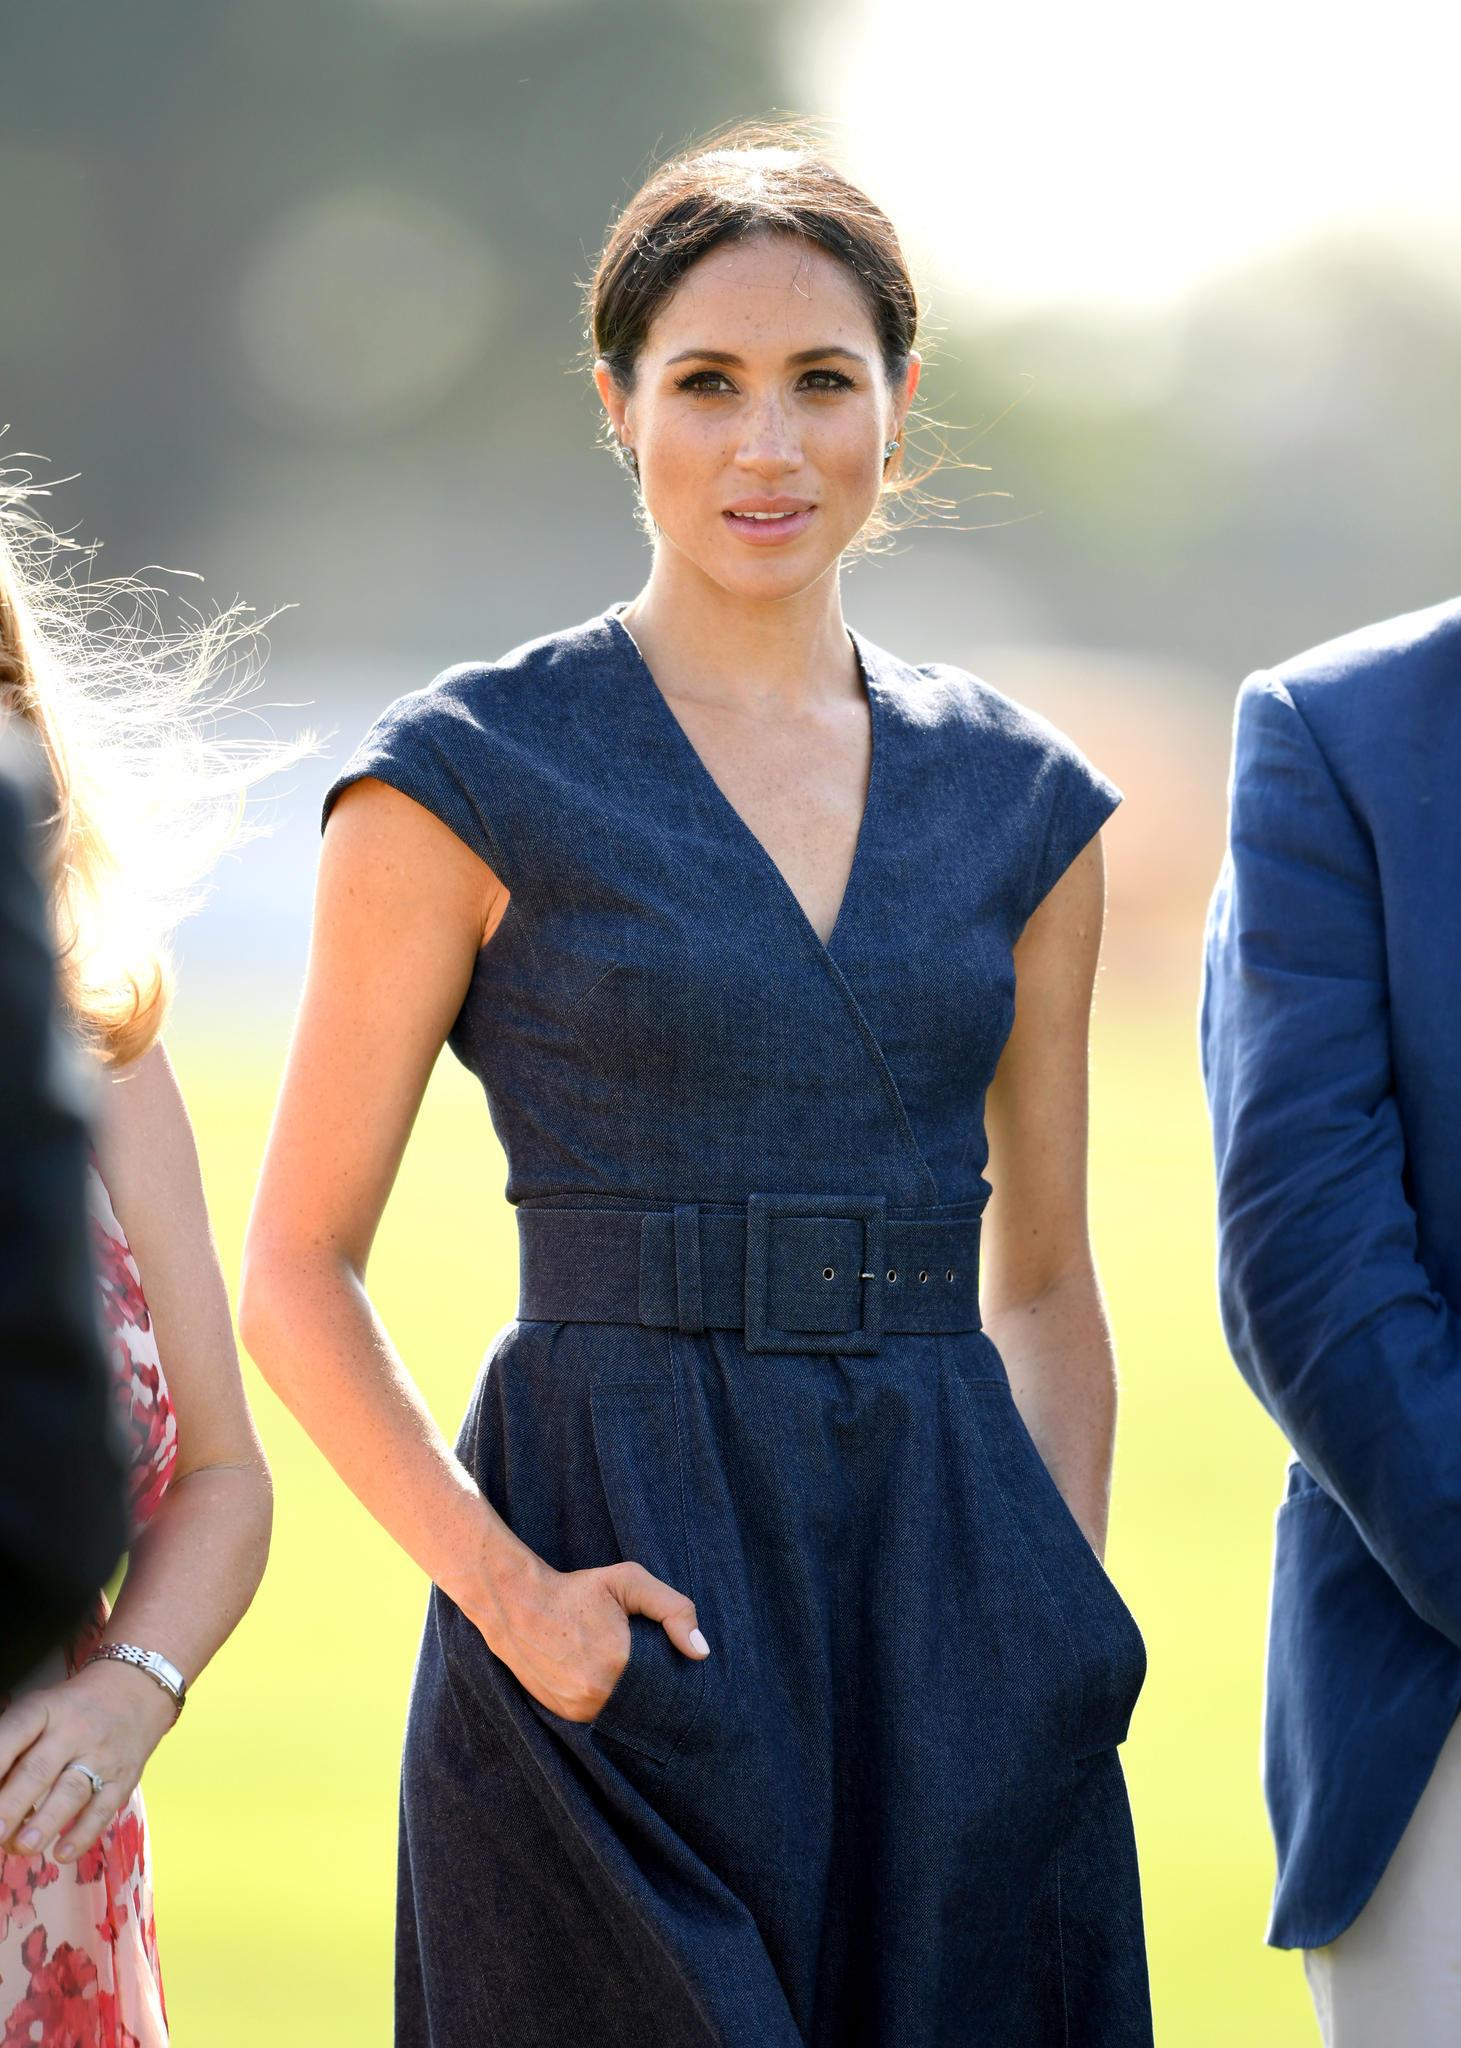 Herzogin Meghan im Juli 2018 bei einem Polospiel in Windsor.